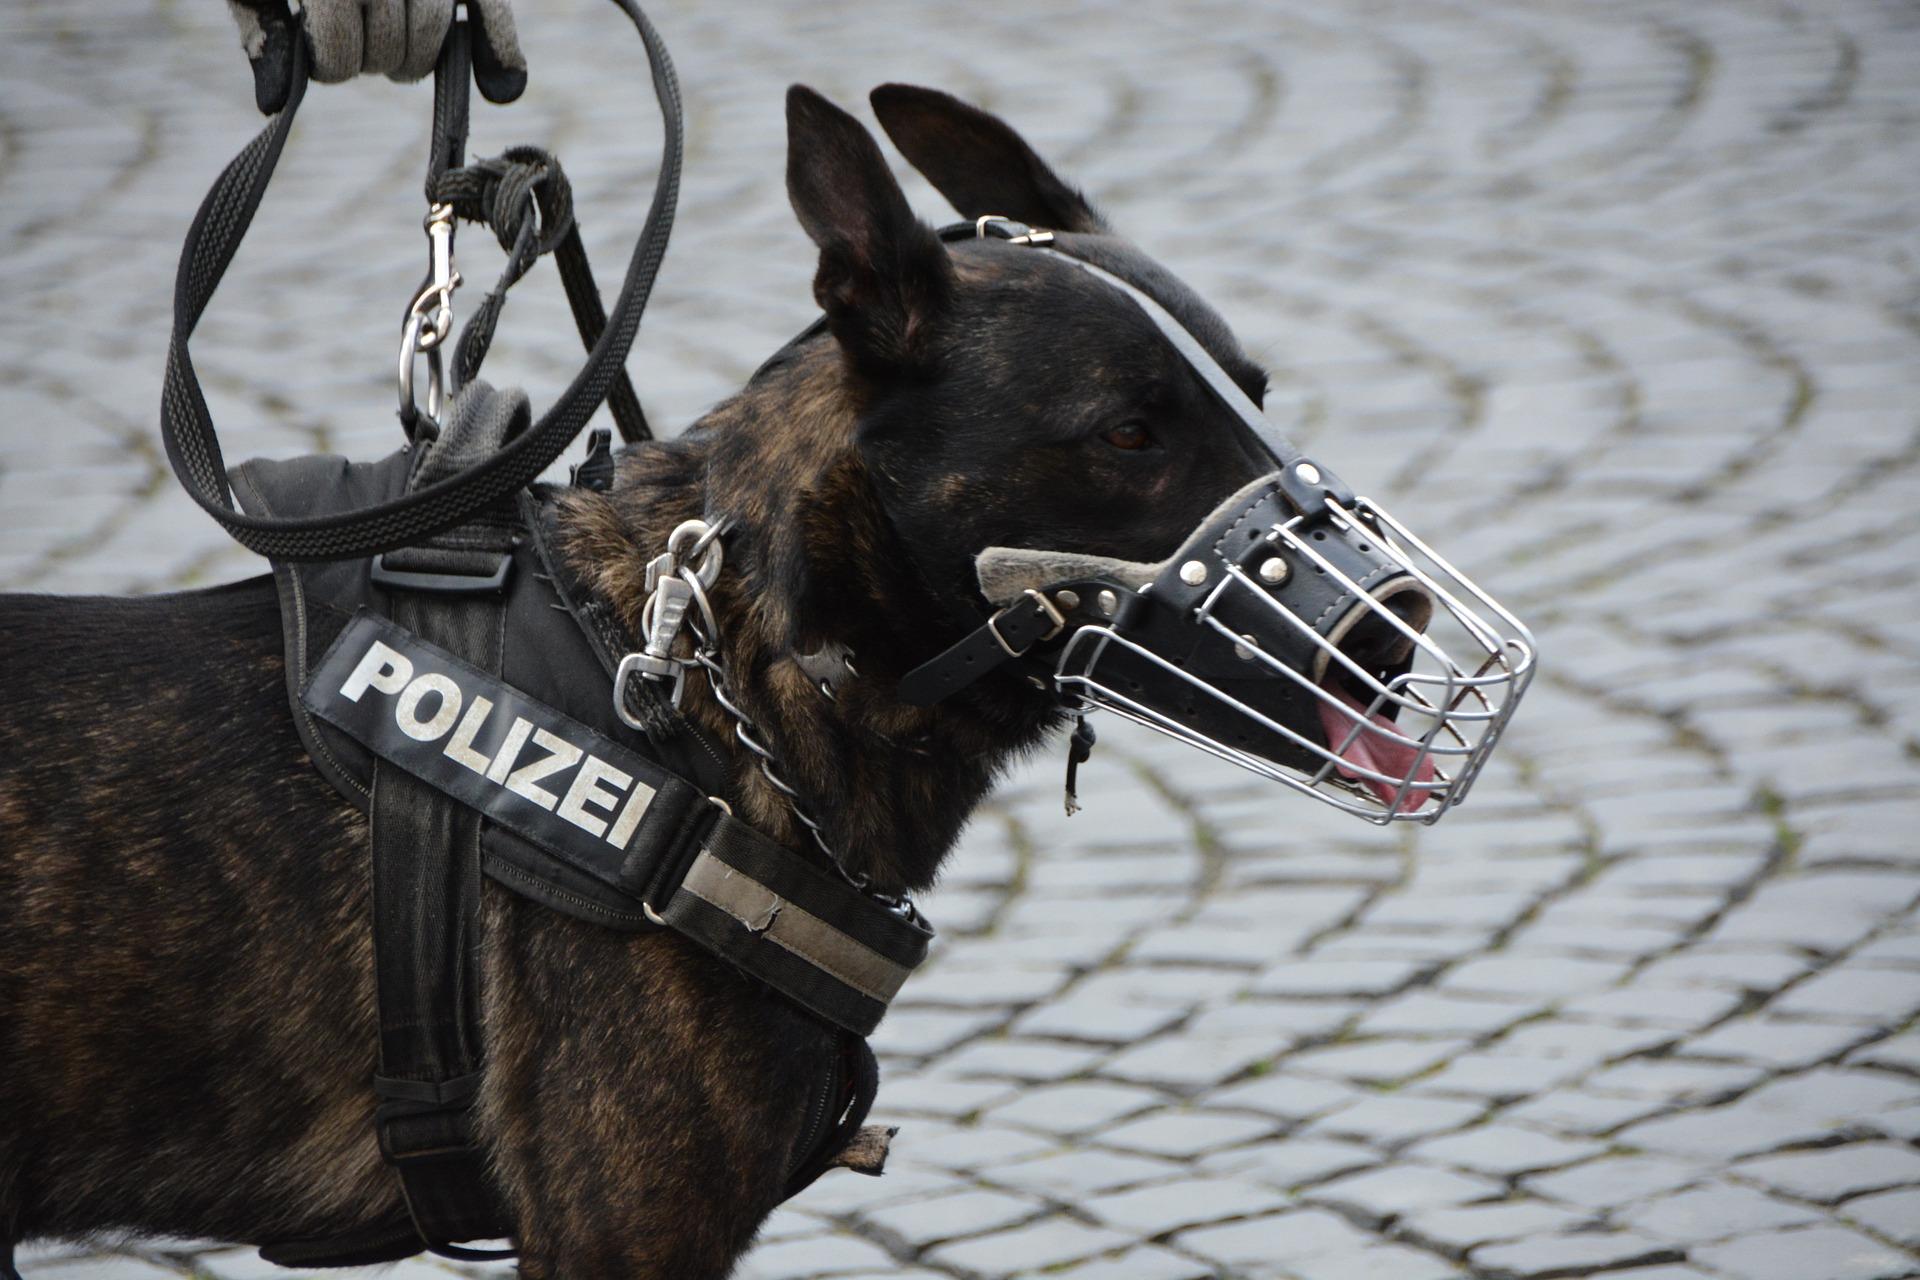 Für Hundefreunde ist der Beruf des Hundeführers eine echte Option Eine klassische Ausbildung zum Hundeführer gibt es allerdings nicht